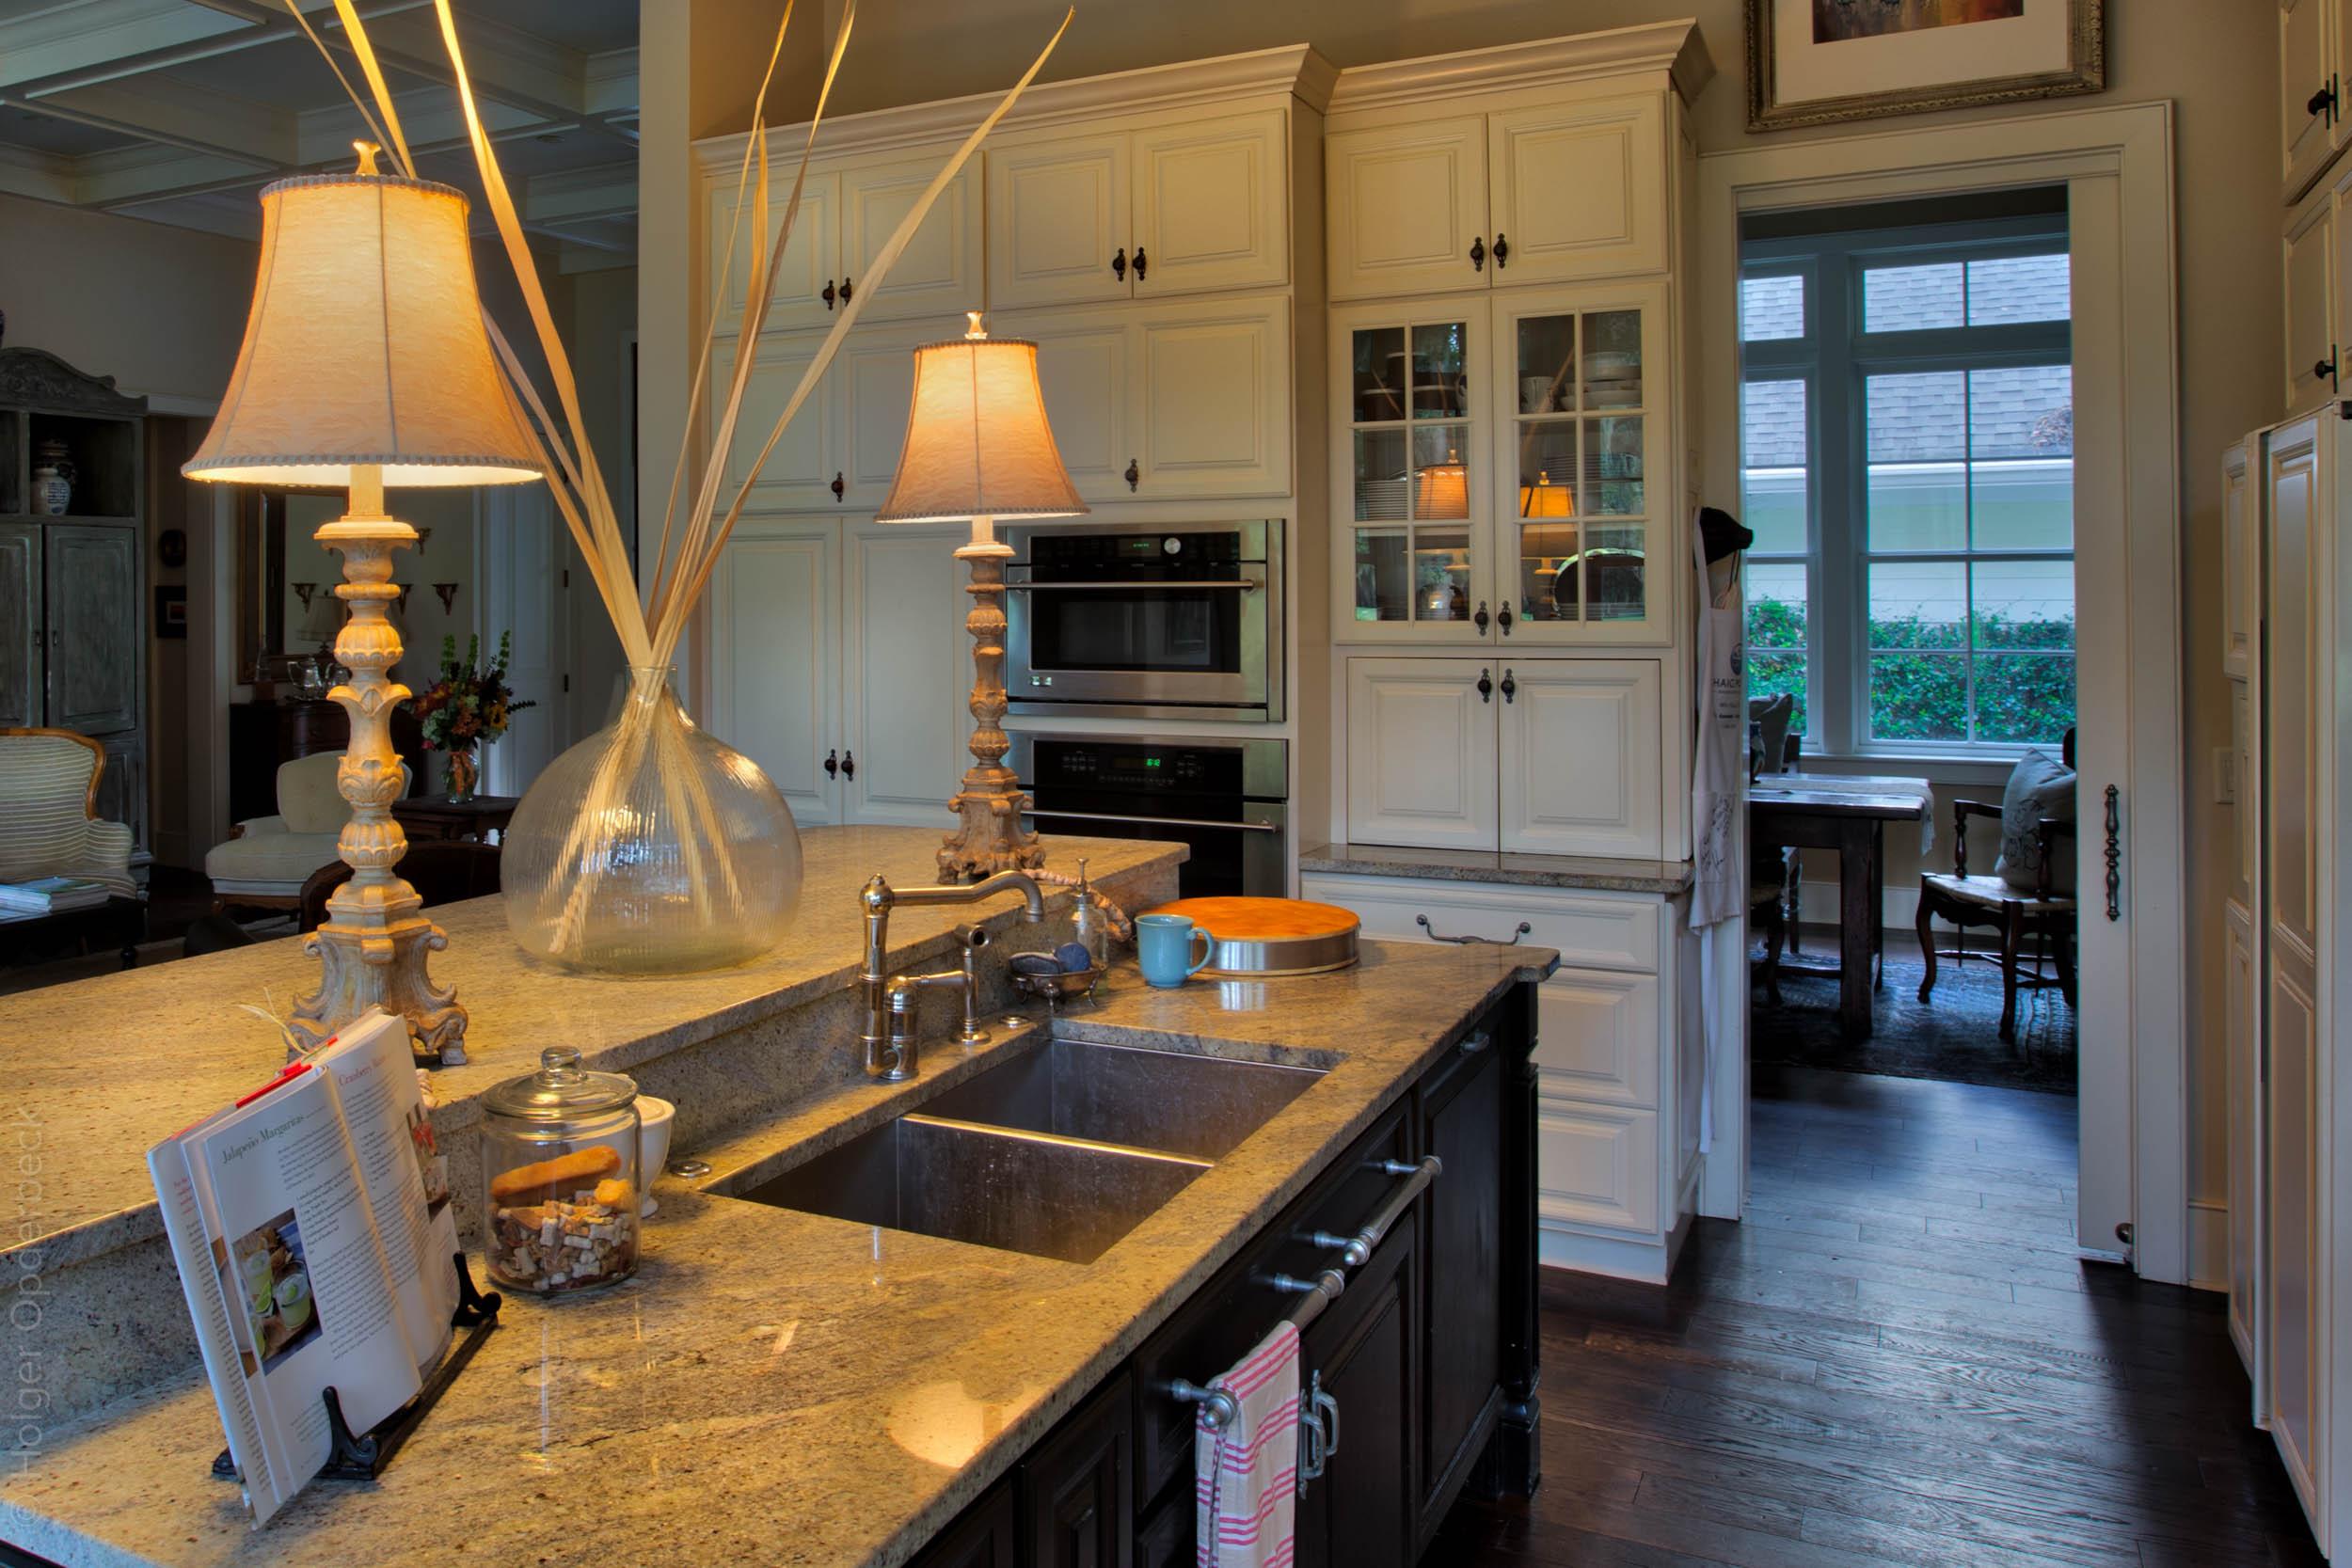 220 kitchen-stove-PS1.jpg